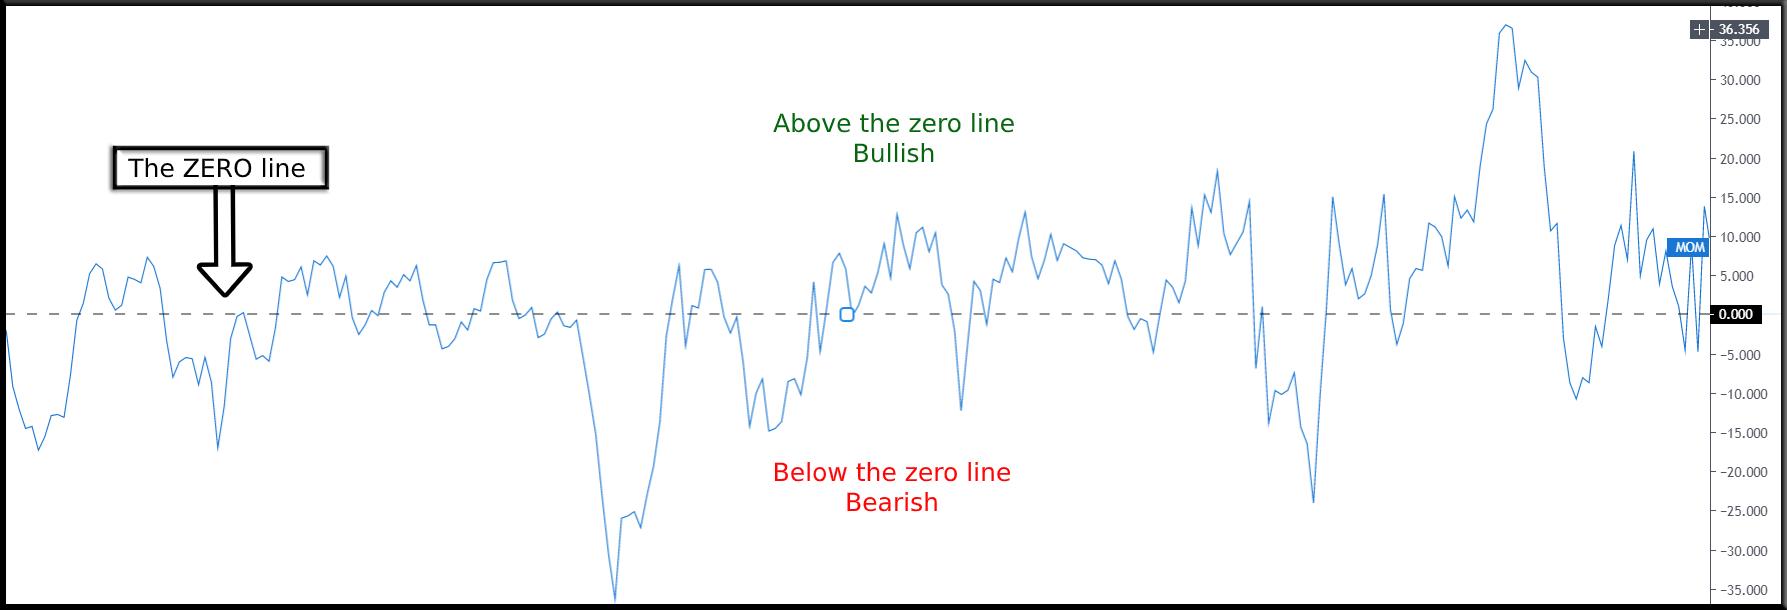 Momentum indicator chart 3